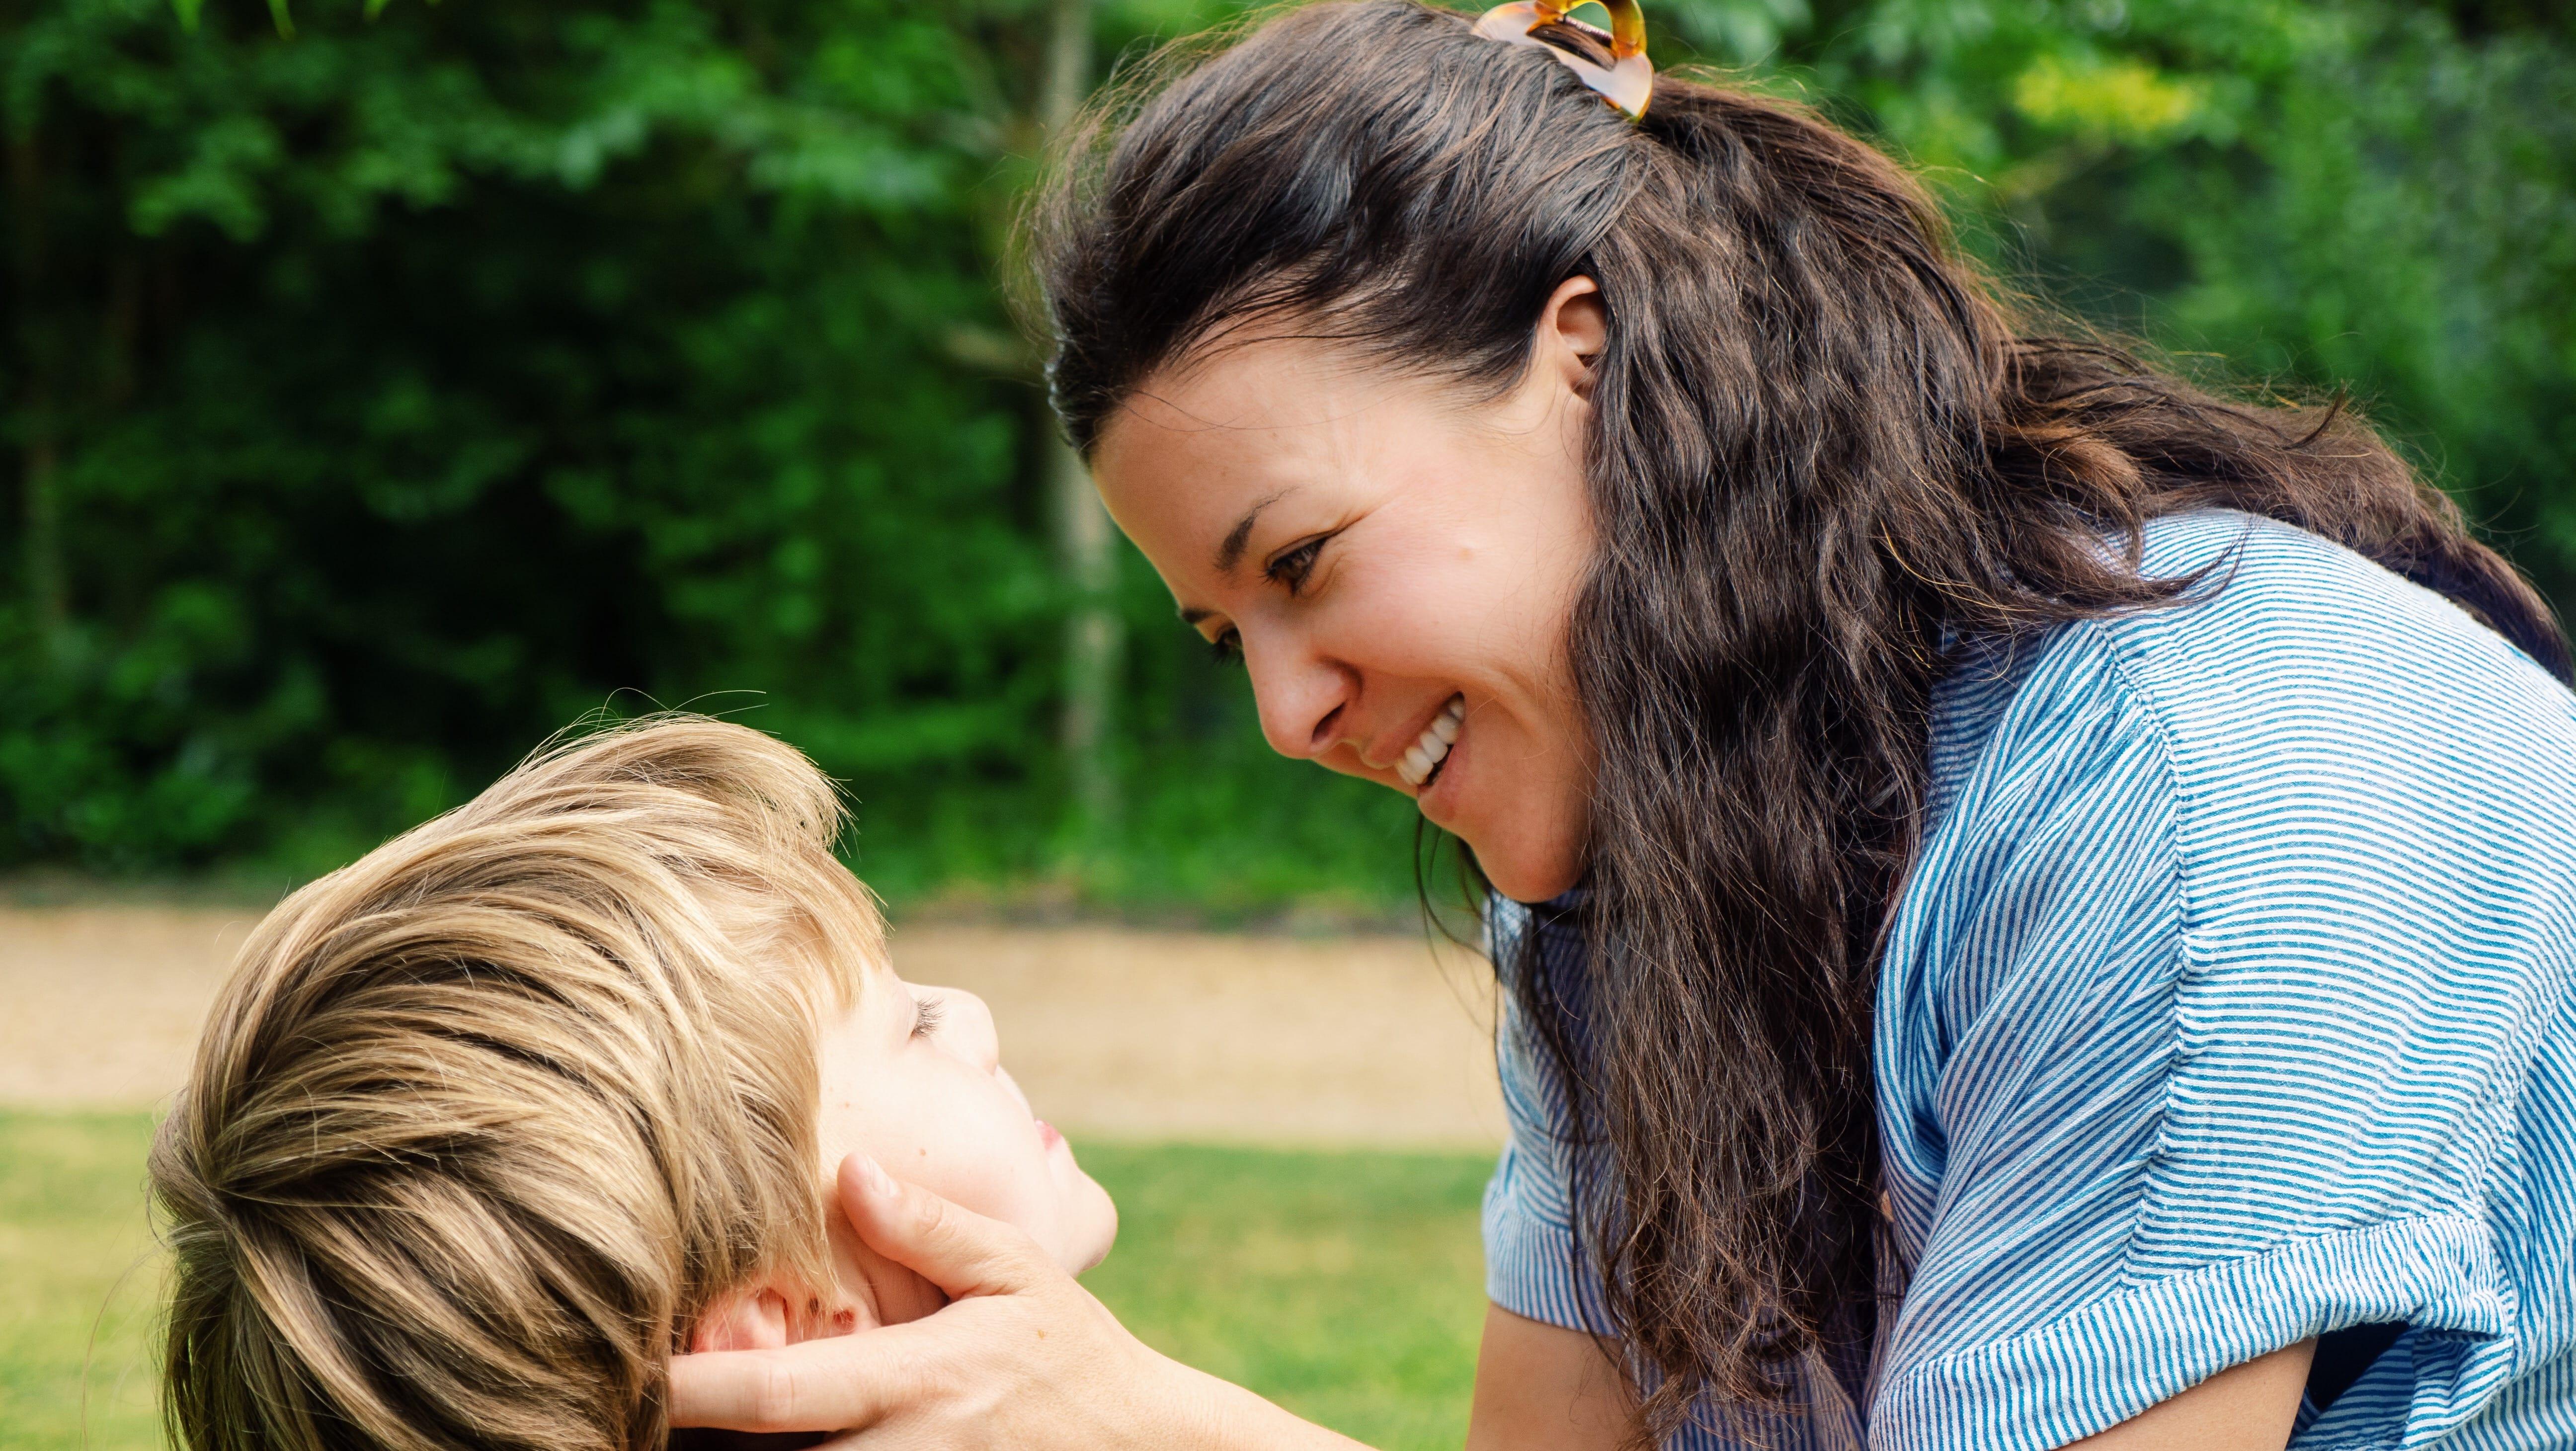 Mère au Foyer : Comment trouver l'épanouissement personnel en assumant ce rôle familial ?